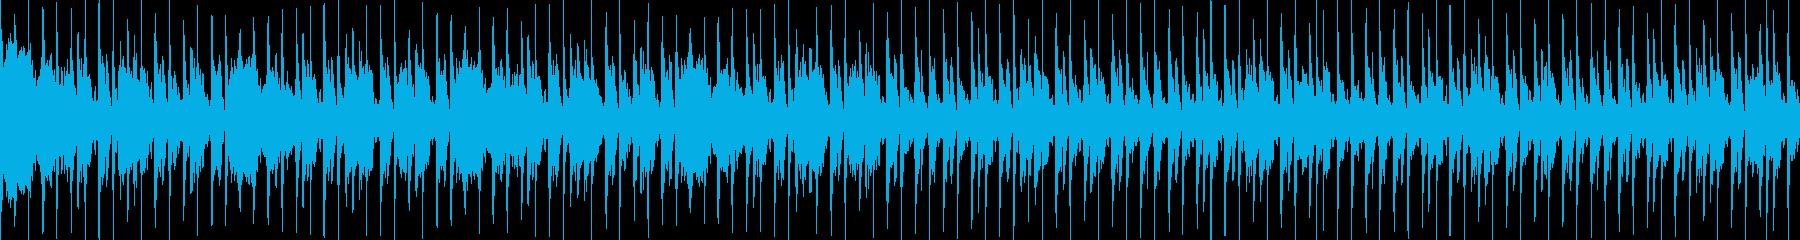 並行和音のパワーハウス。ループ再生可能。の再生済みの波形